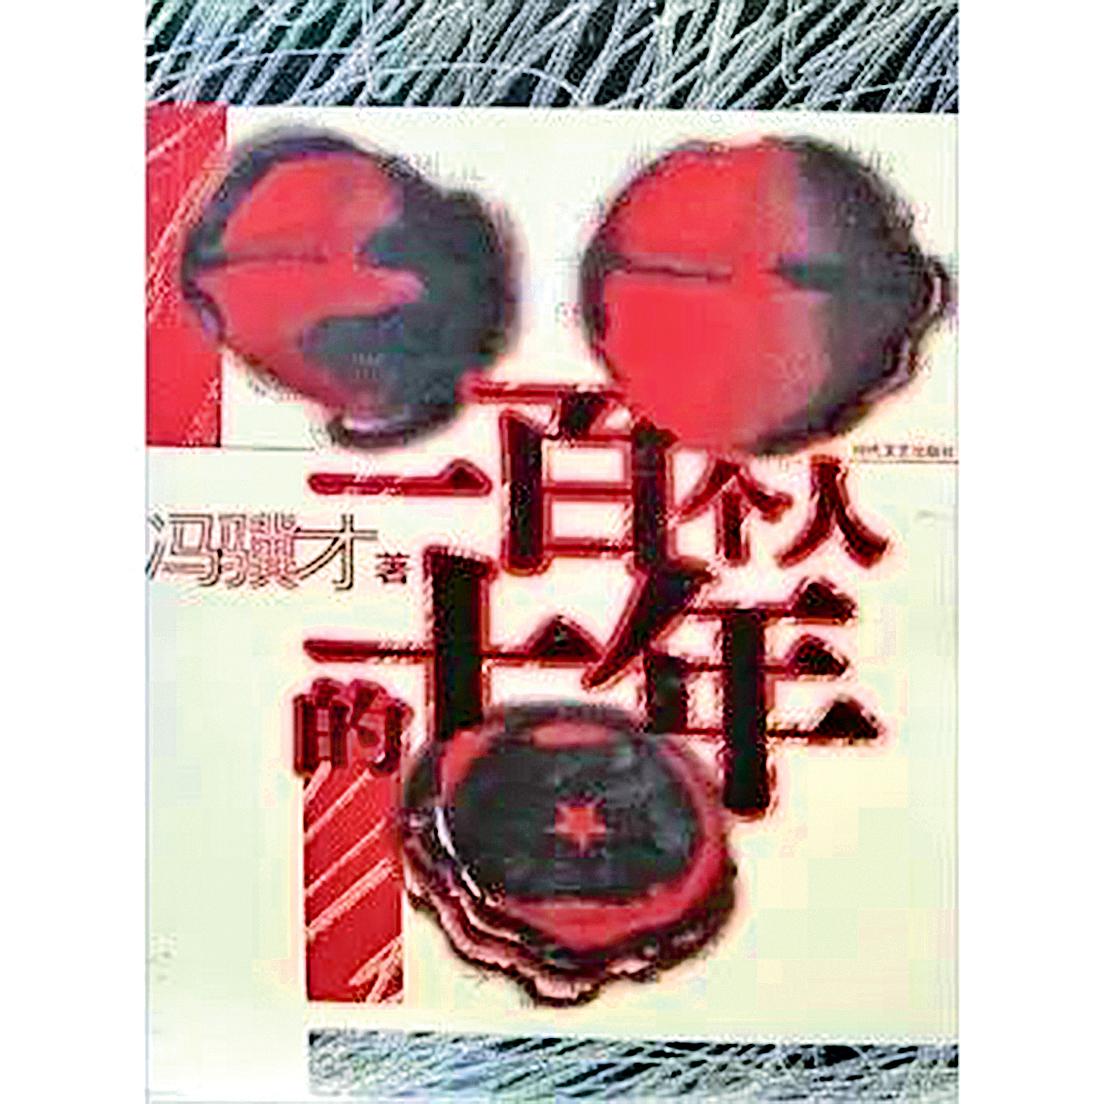 大陸作家馮驥才描寫文革十年中普通人的命運的書《一百個人的十年》。(網絡圖片)